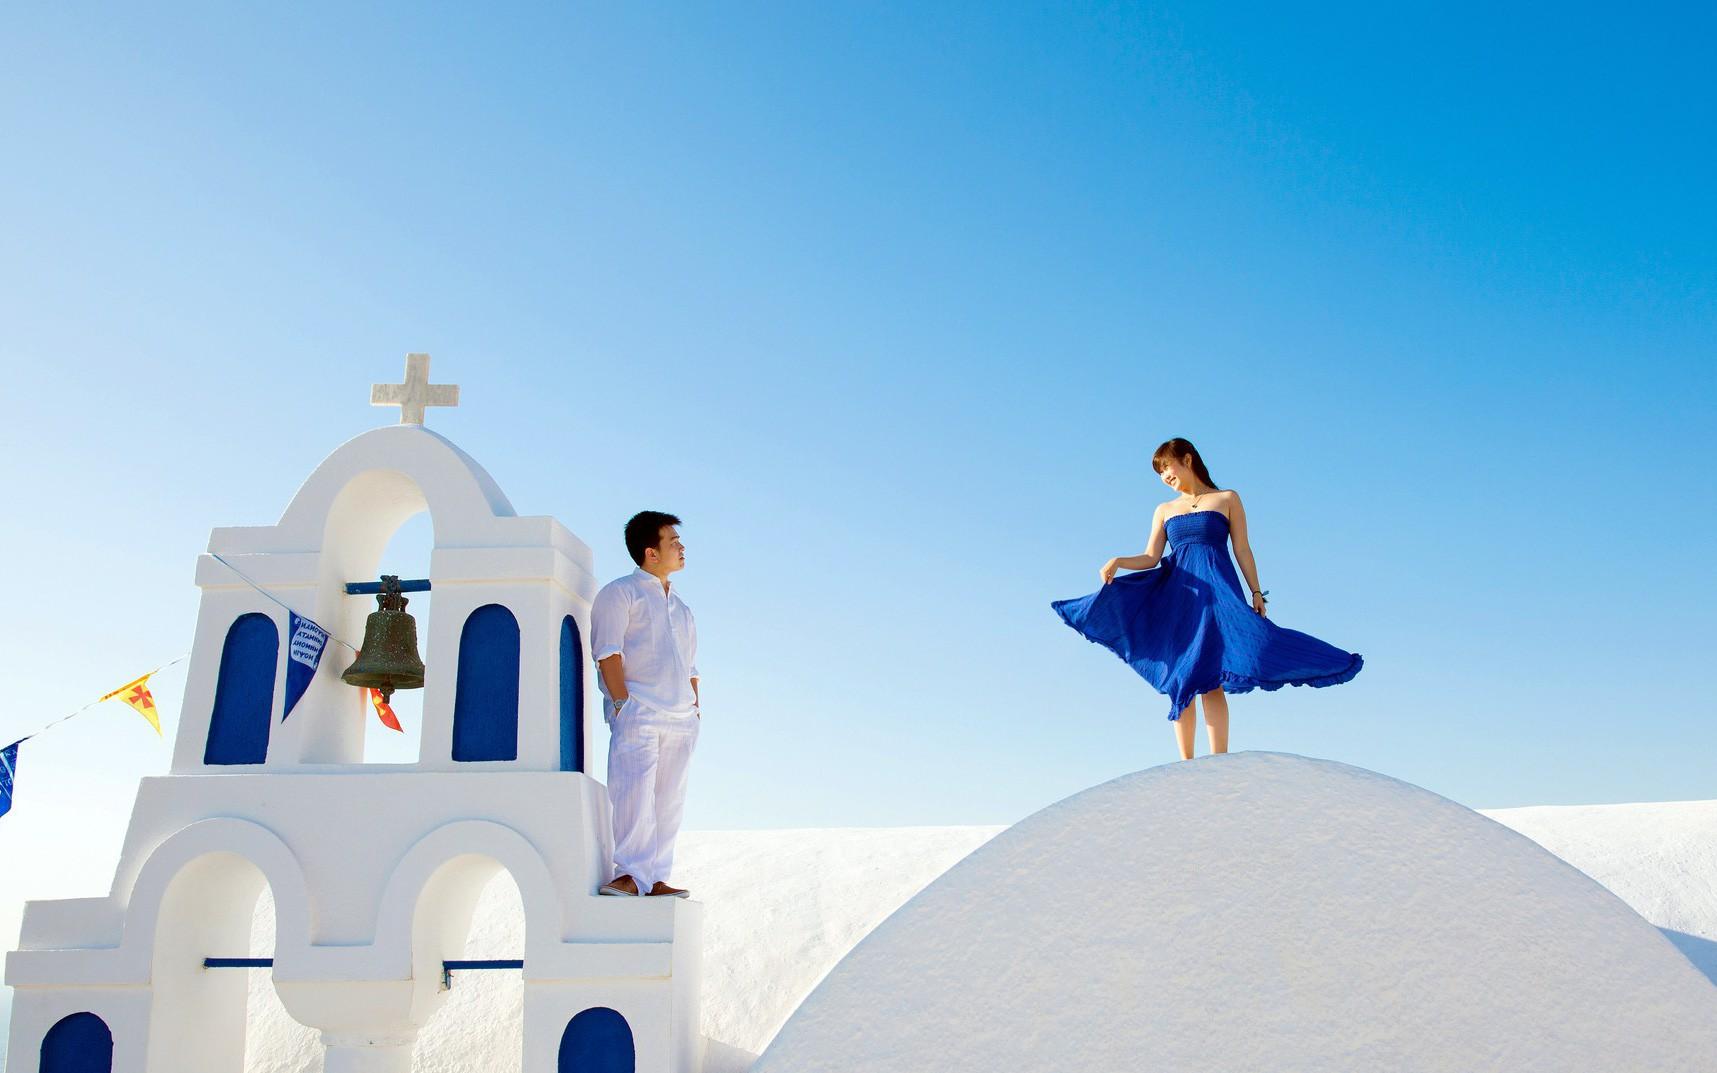 Du lịch qua những bức ảnh cưới đẹp như mơ